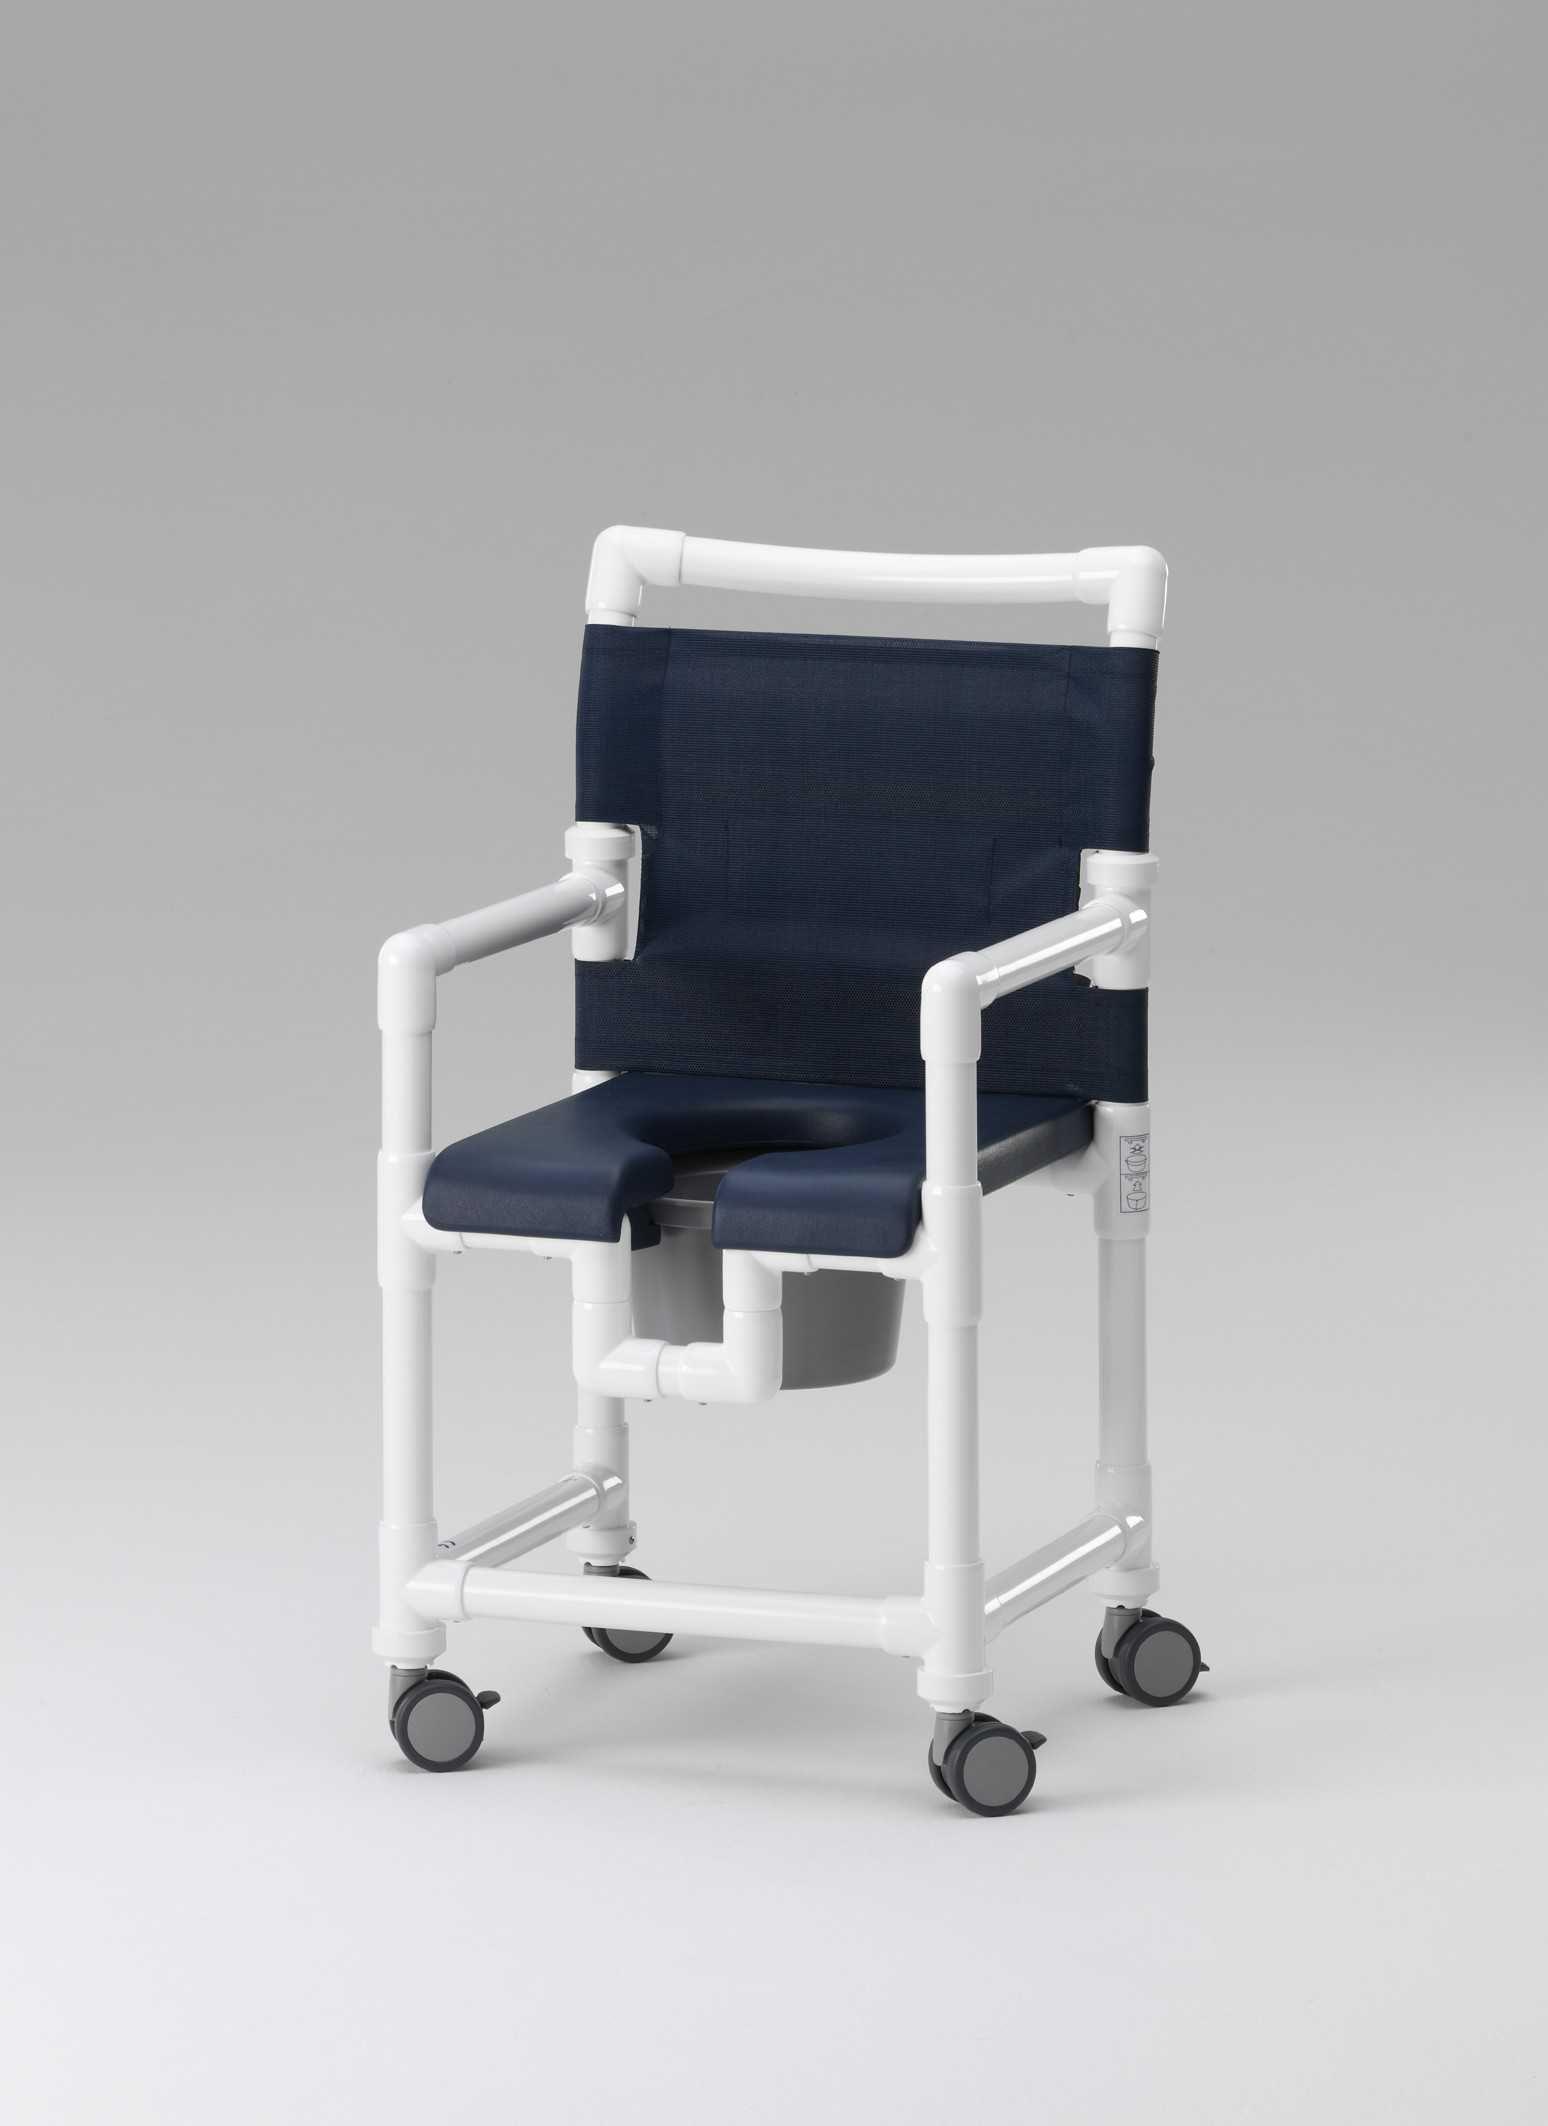 chaise toilette douche multifonctionnelle rcn mà dical pvc idà es